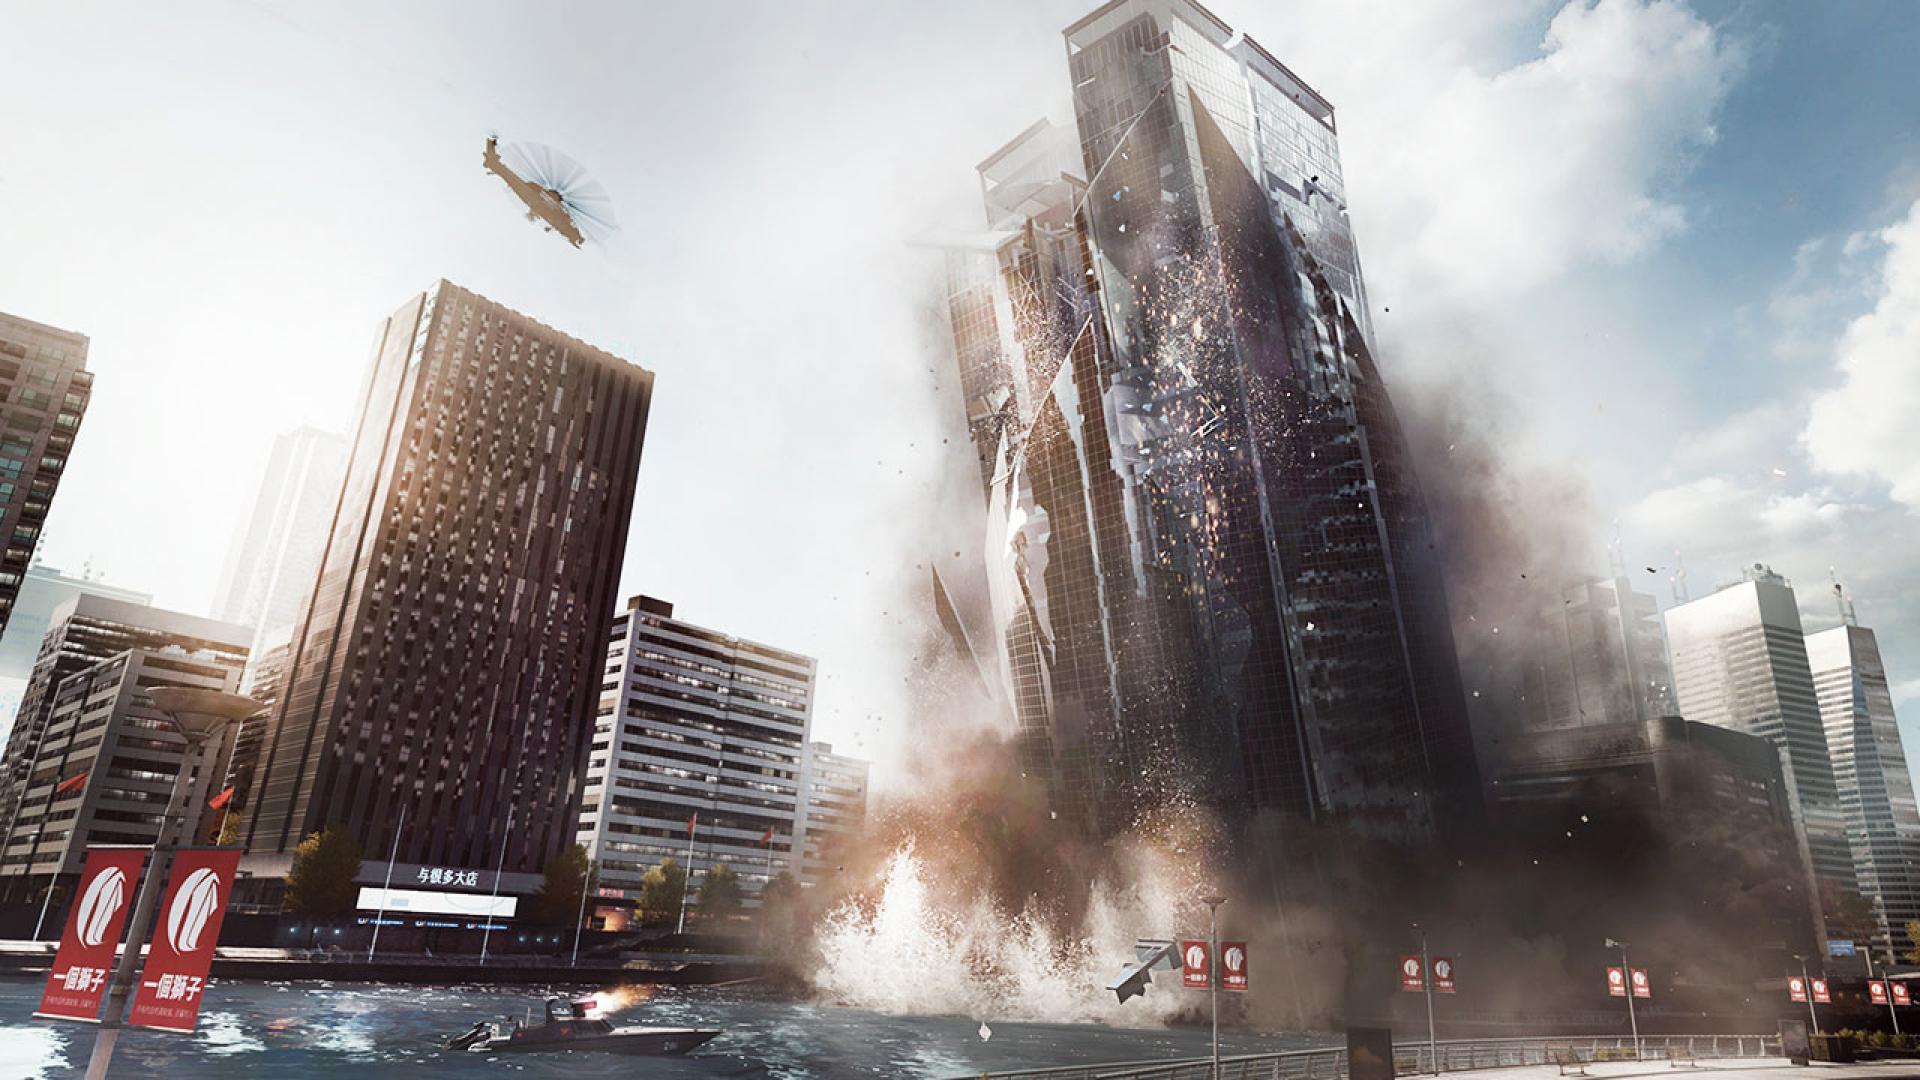 Bienvenidos al modo disco de Battlefield 4 [Advertencia puede producir epilepsia]